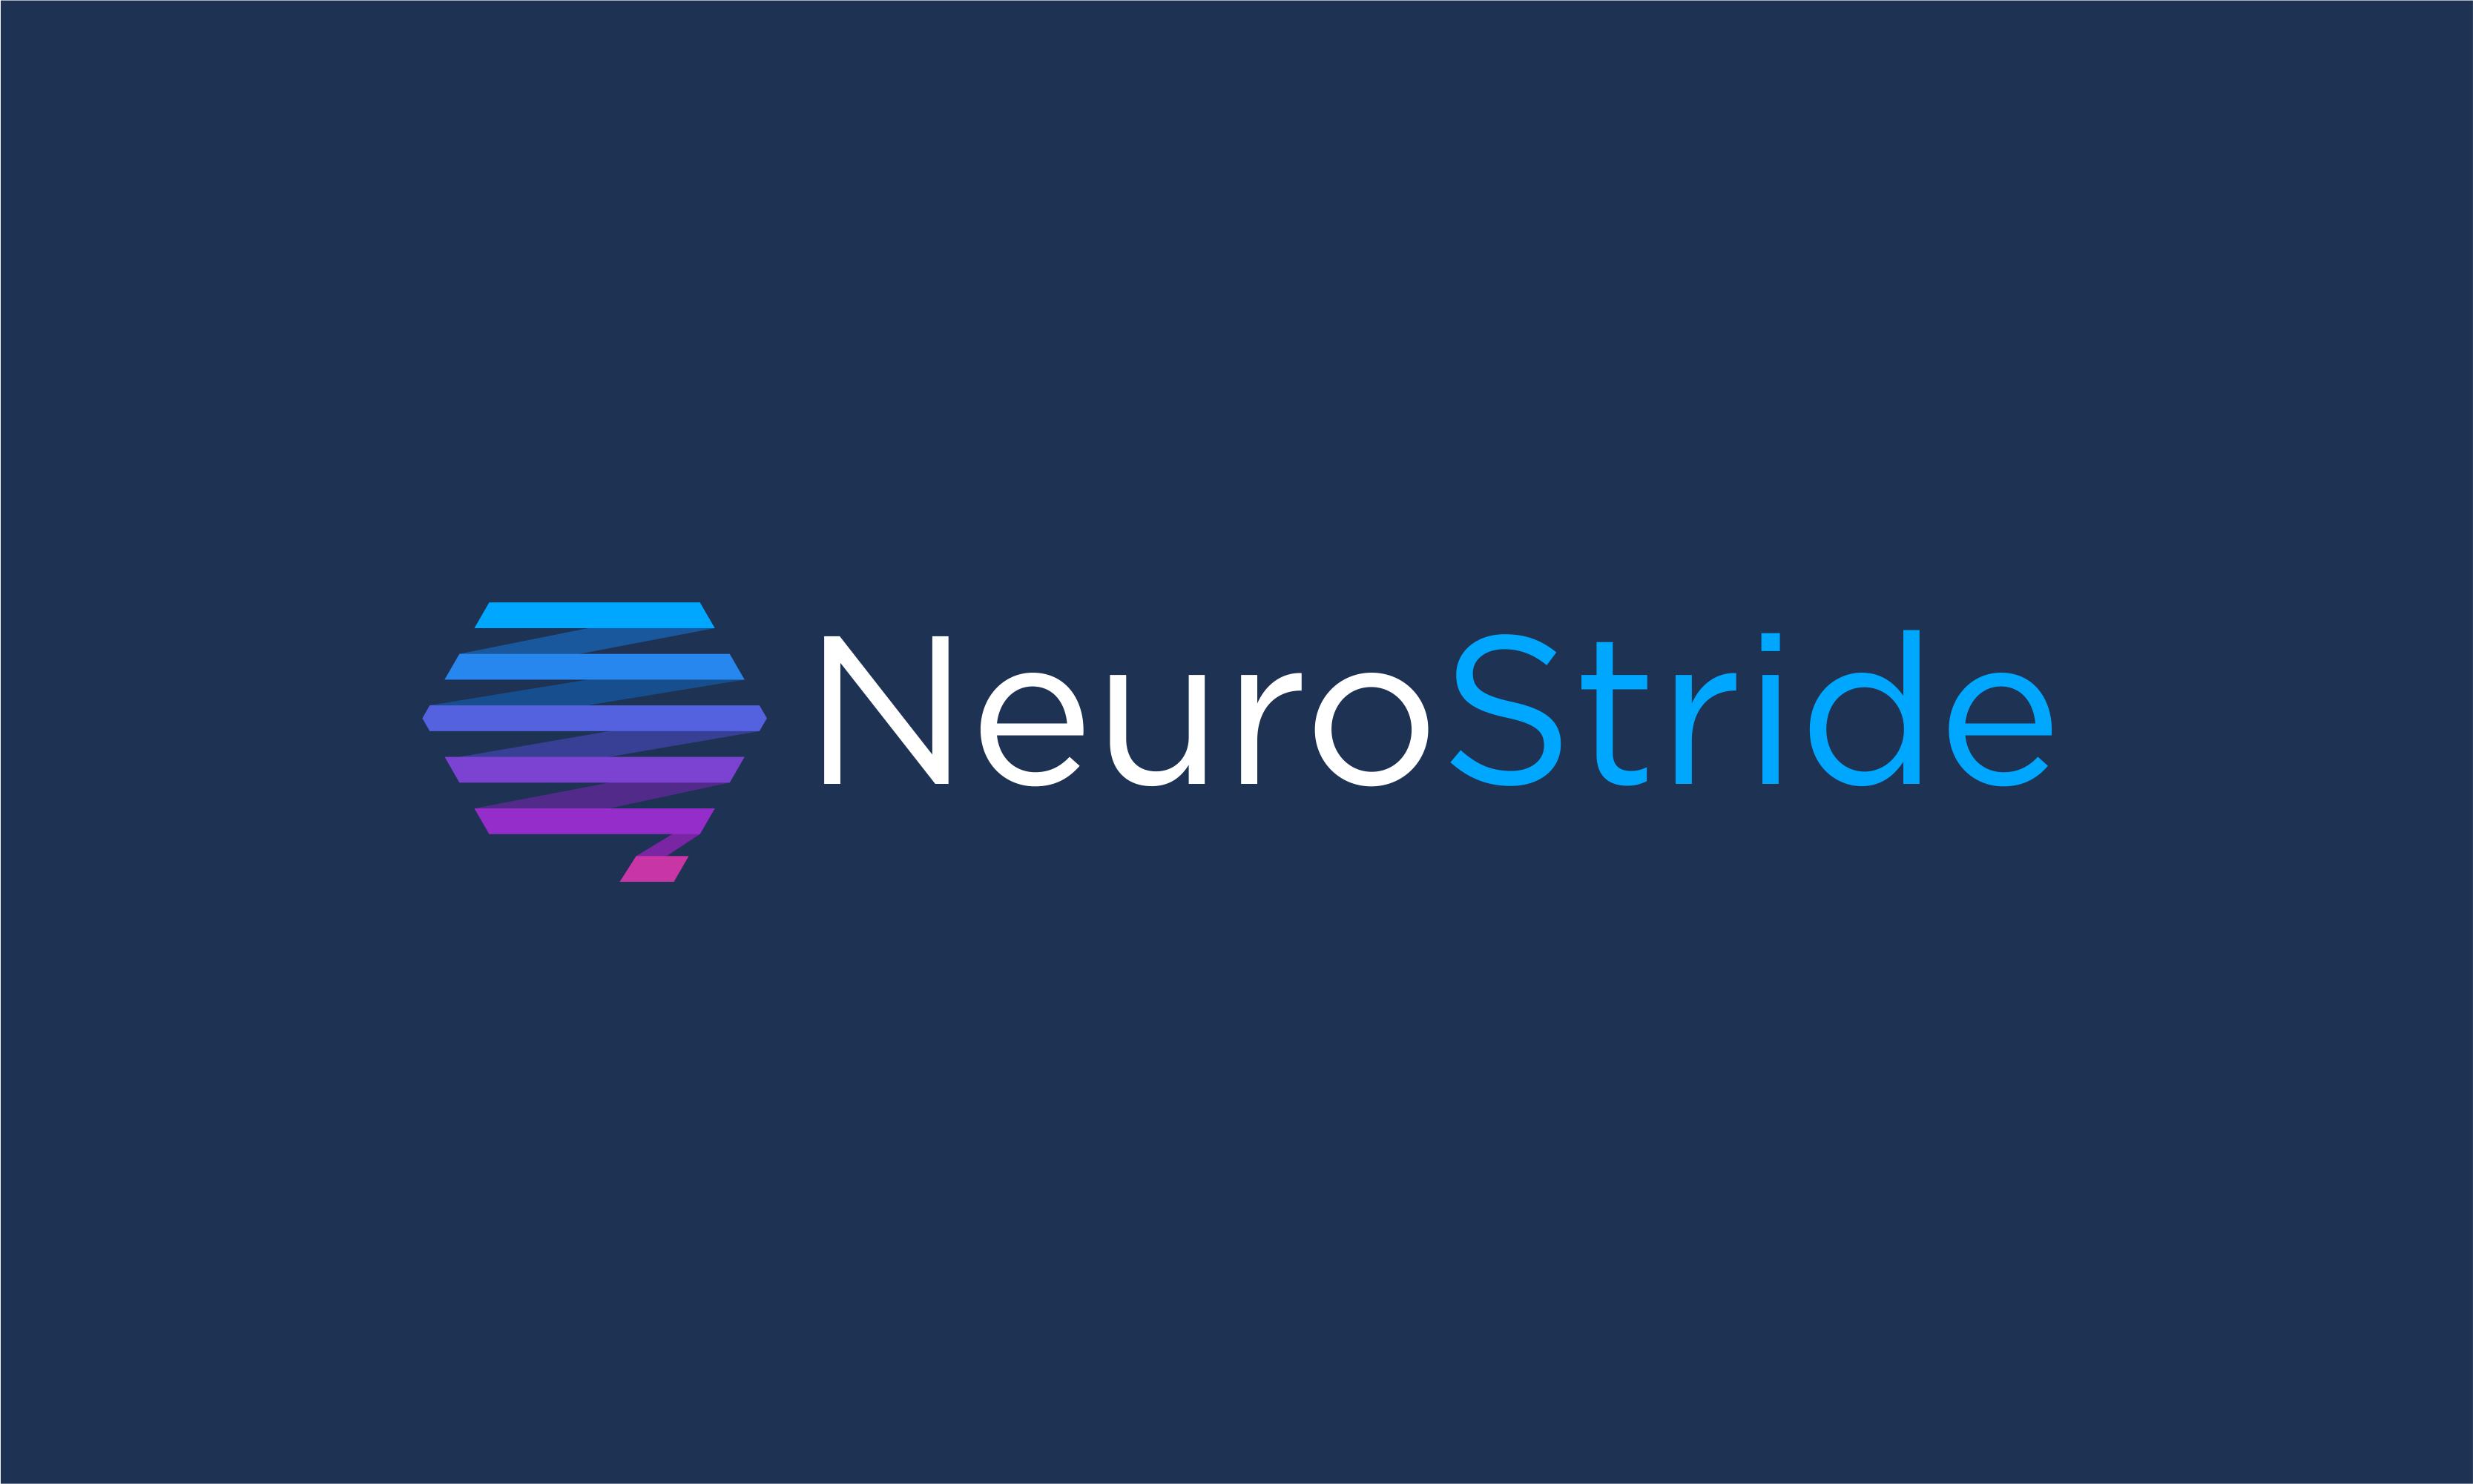 Neurostride